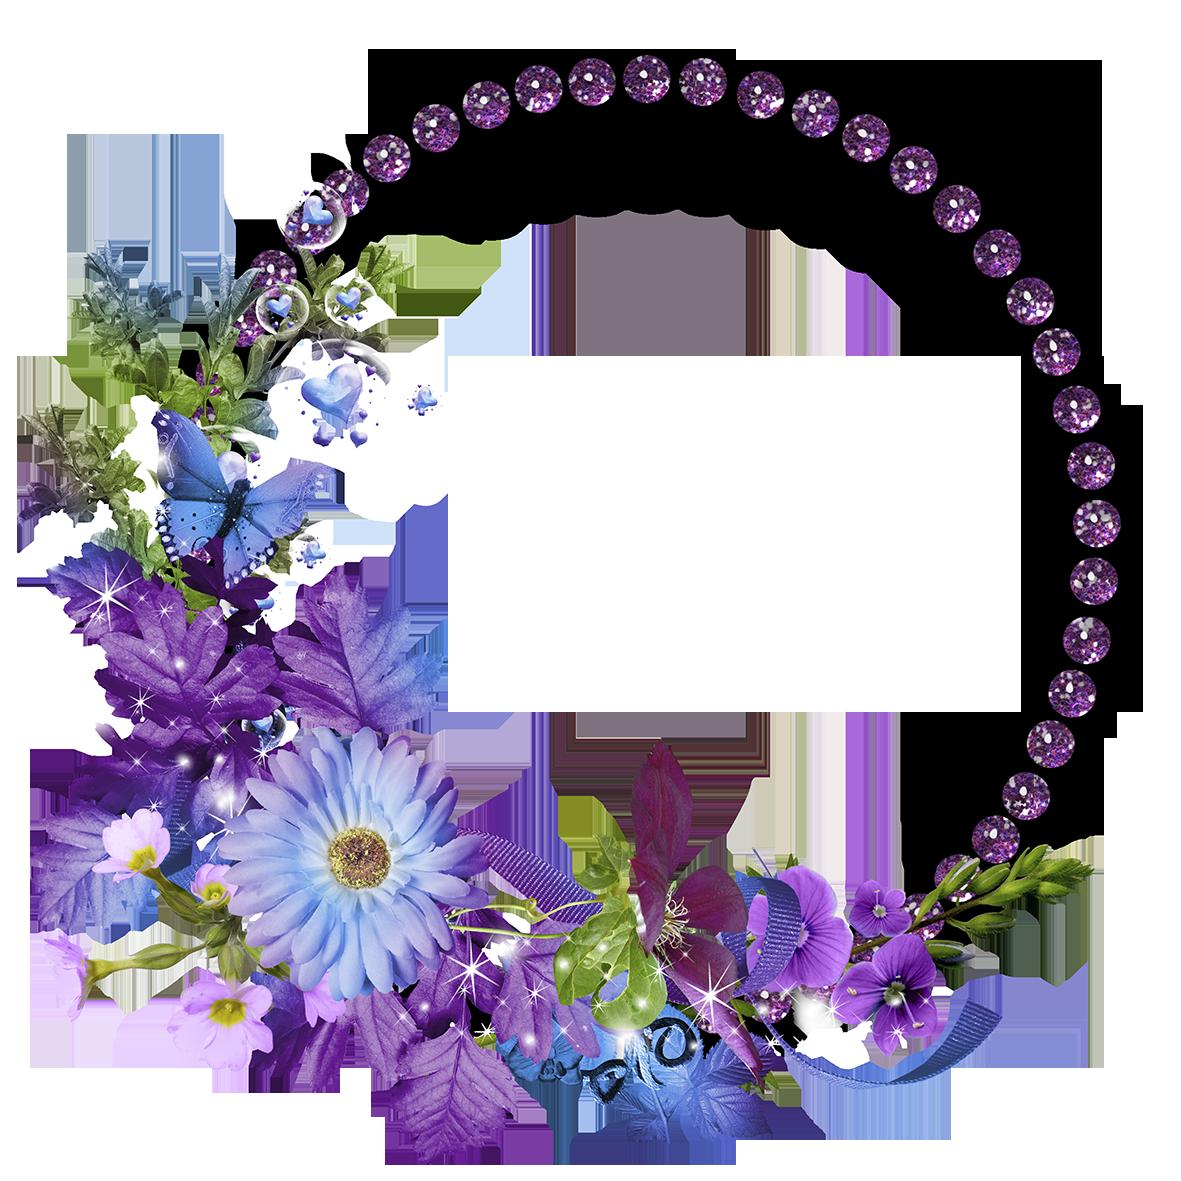 Download Floral Round Frame Transparent Image HQ PNG Image